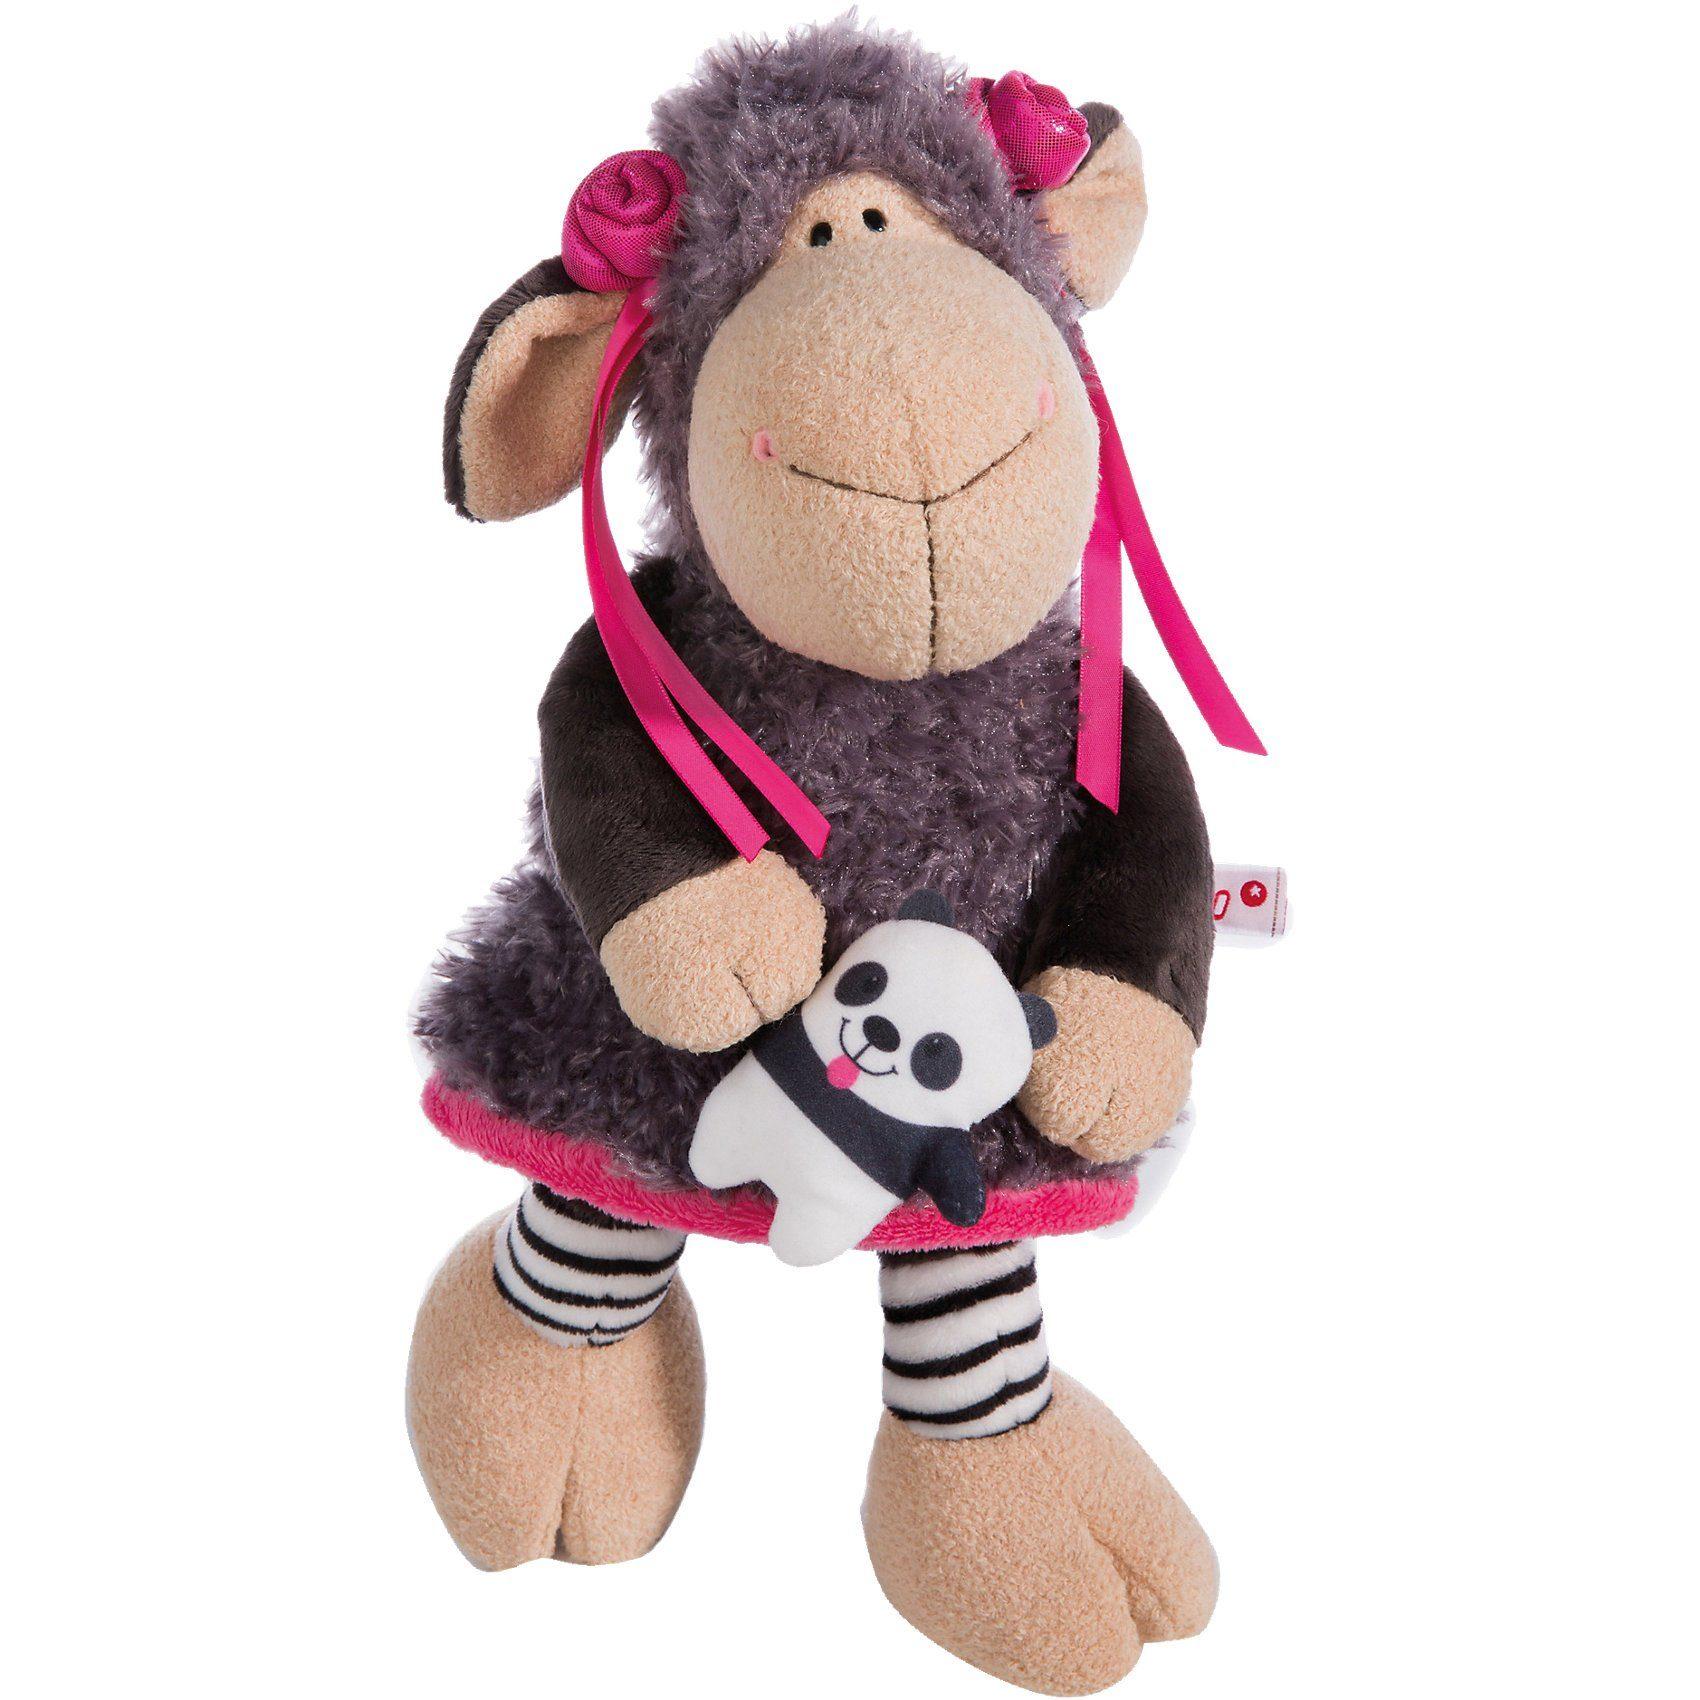 Schaf Jolly Juicy Schlenker mit Panda, 35 cm (40858)